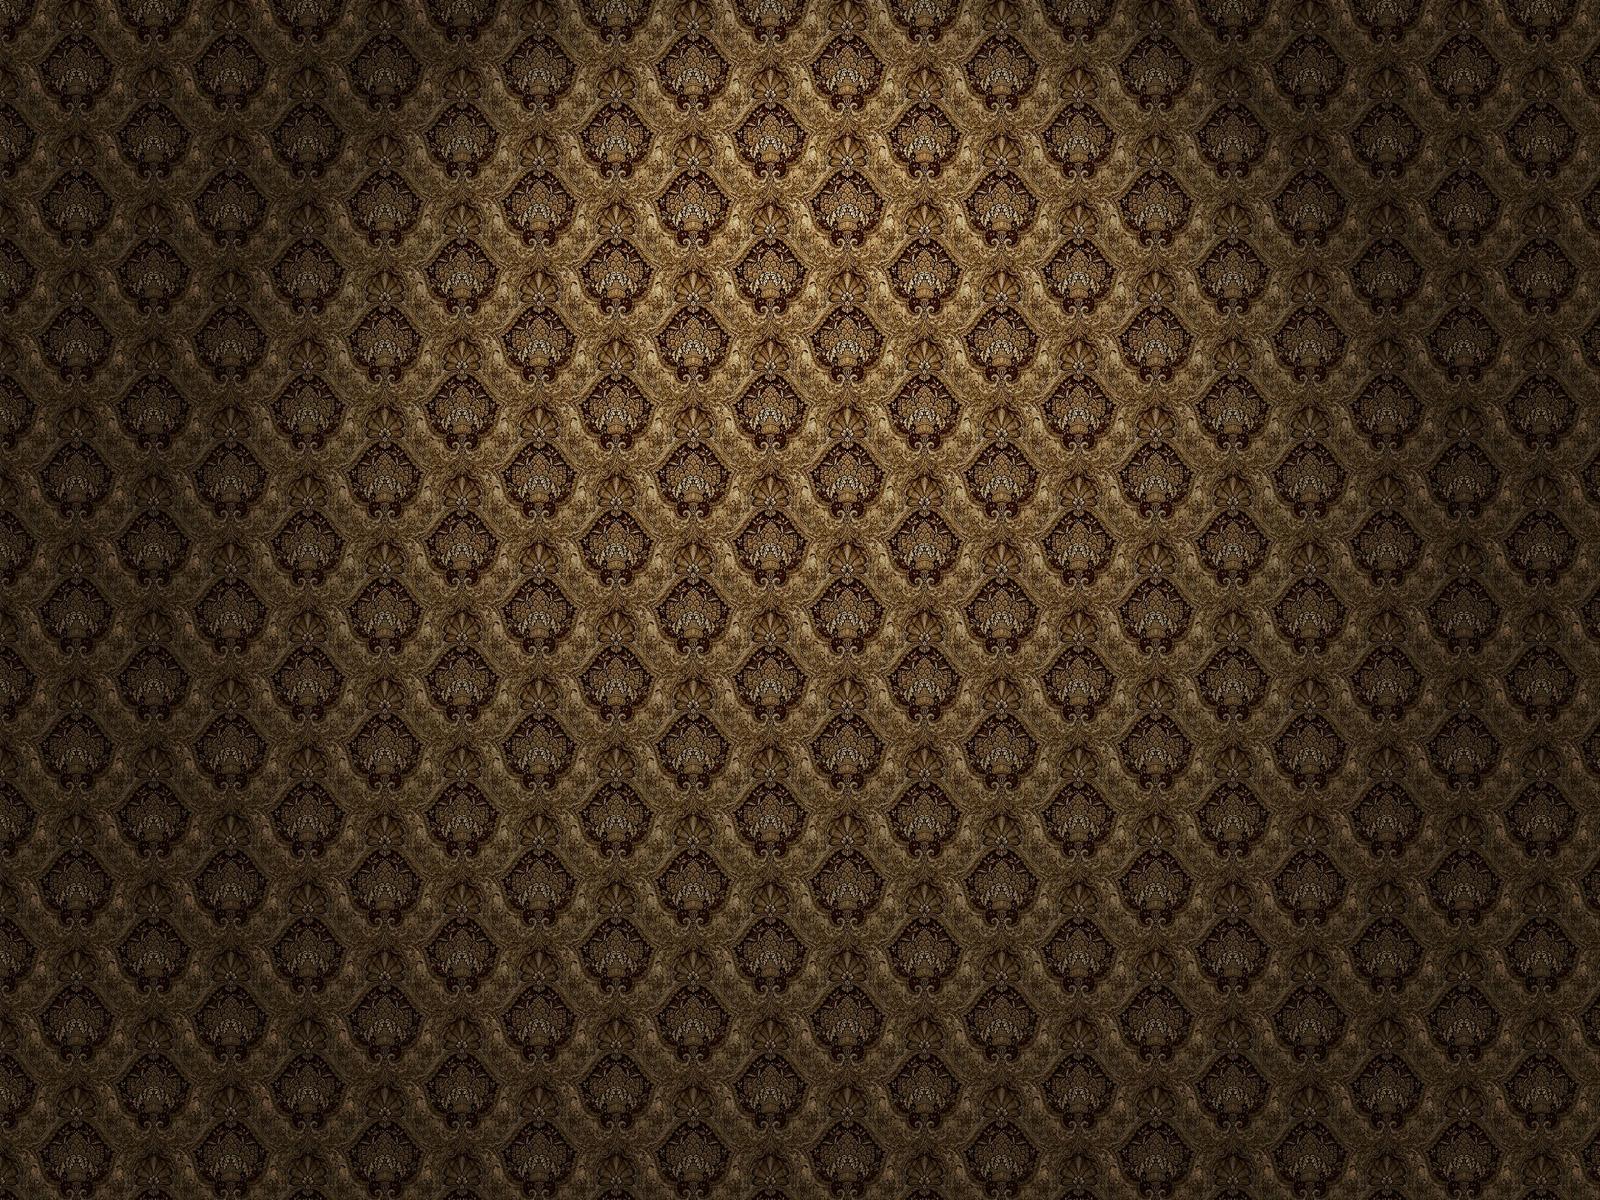 Wall Pattern 1600x1200 Texture Wallpaper 1600x1200